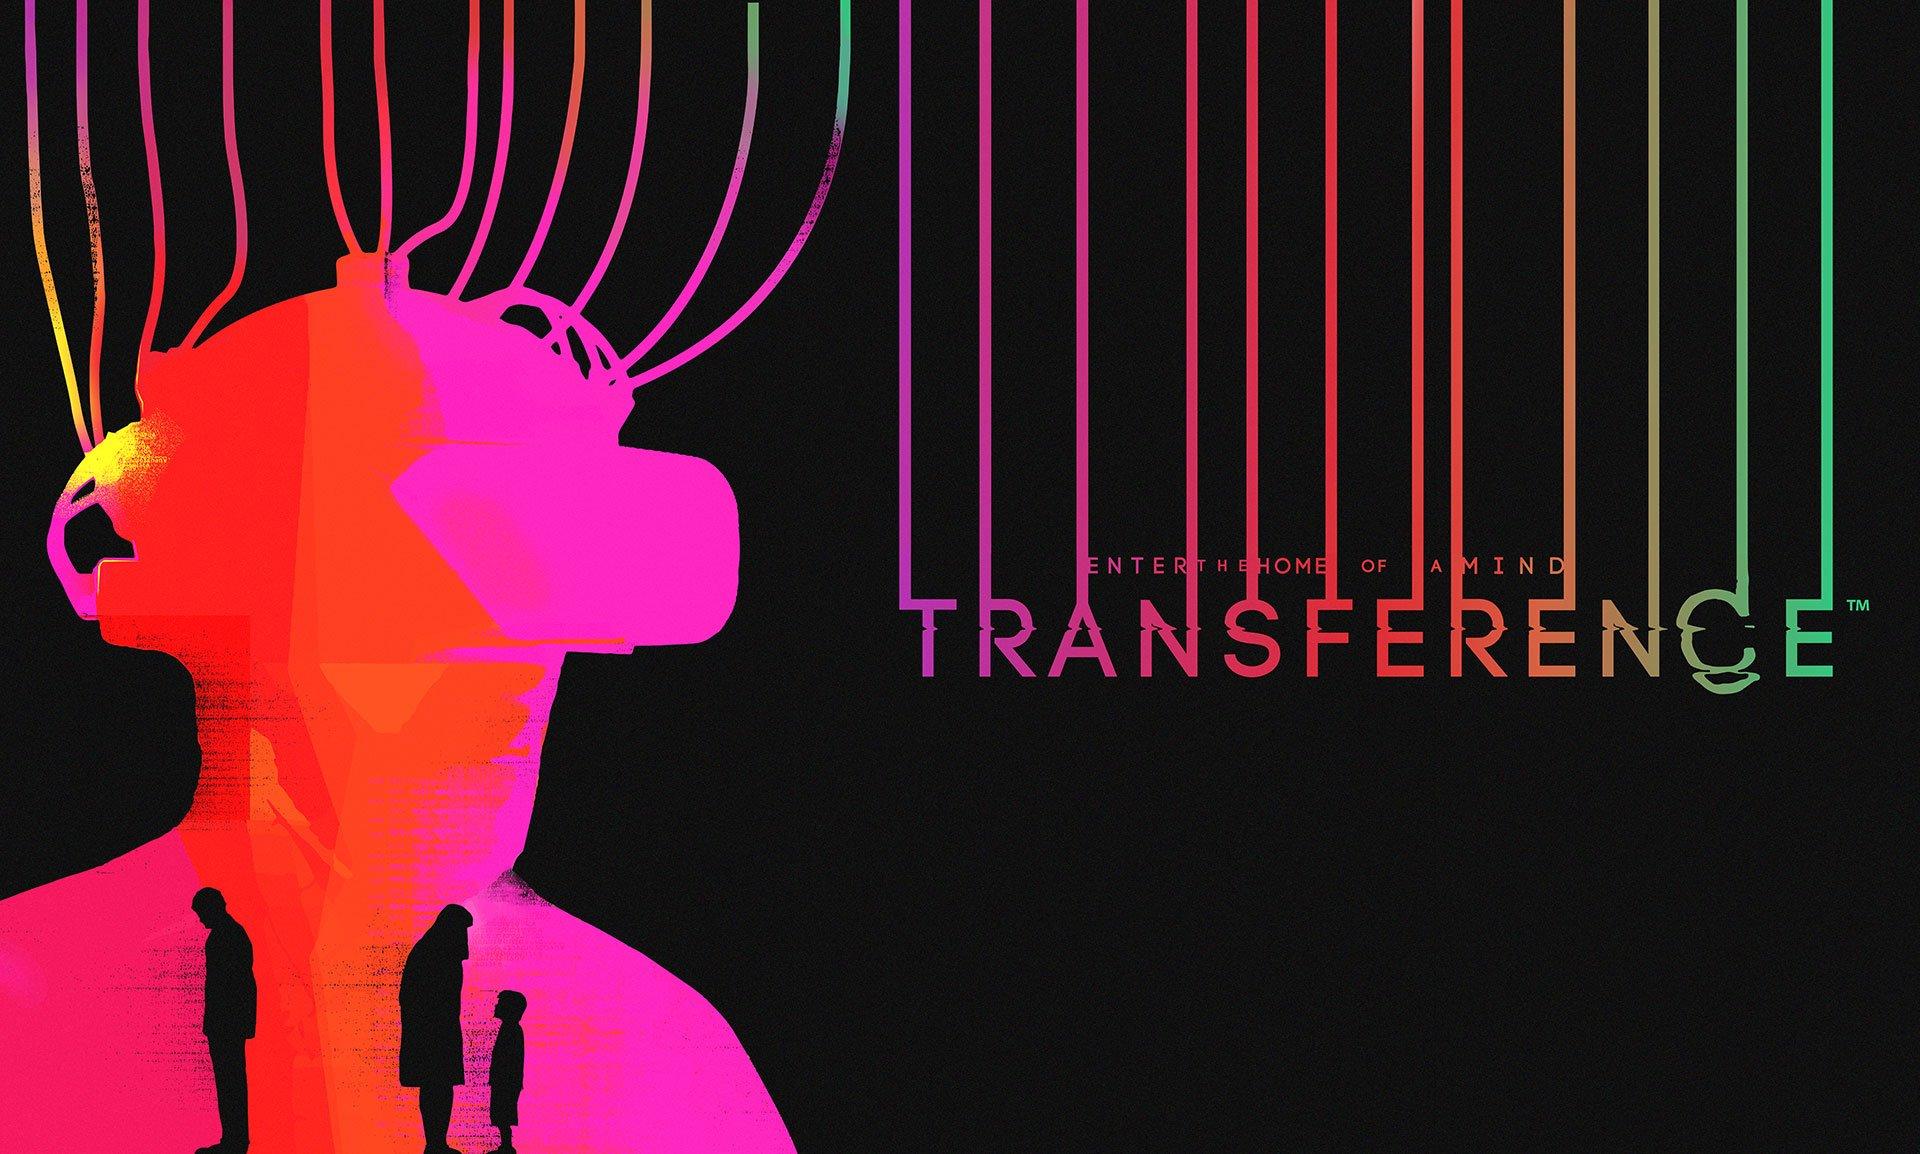 Ubisoft réalise un nouveau thriller, Transfert